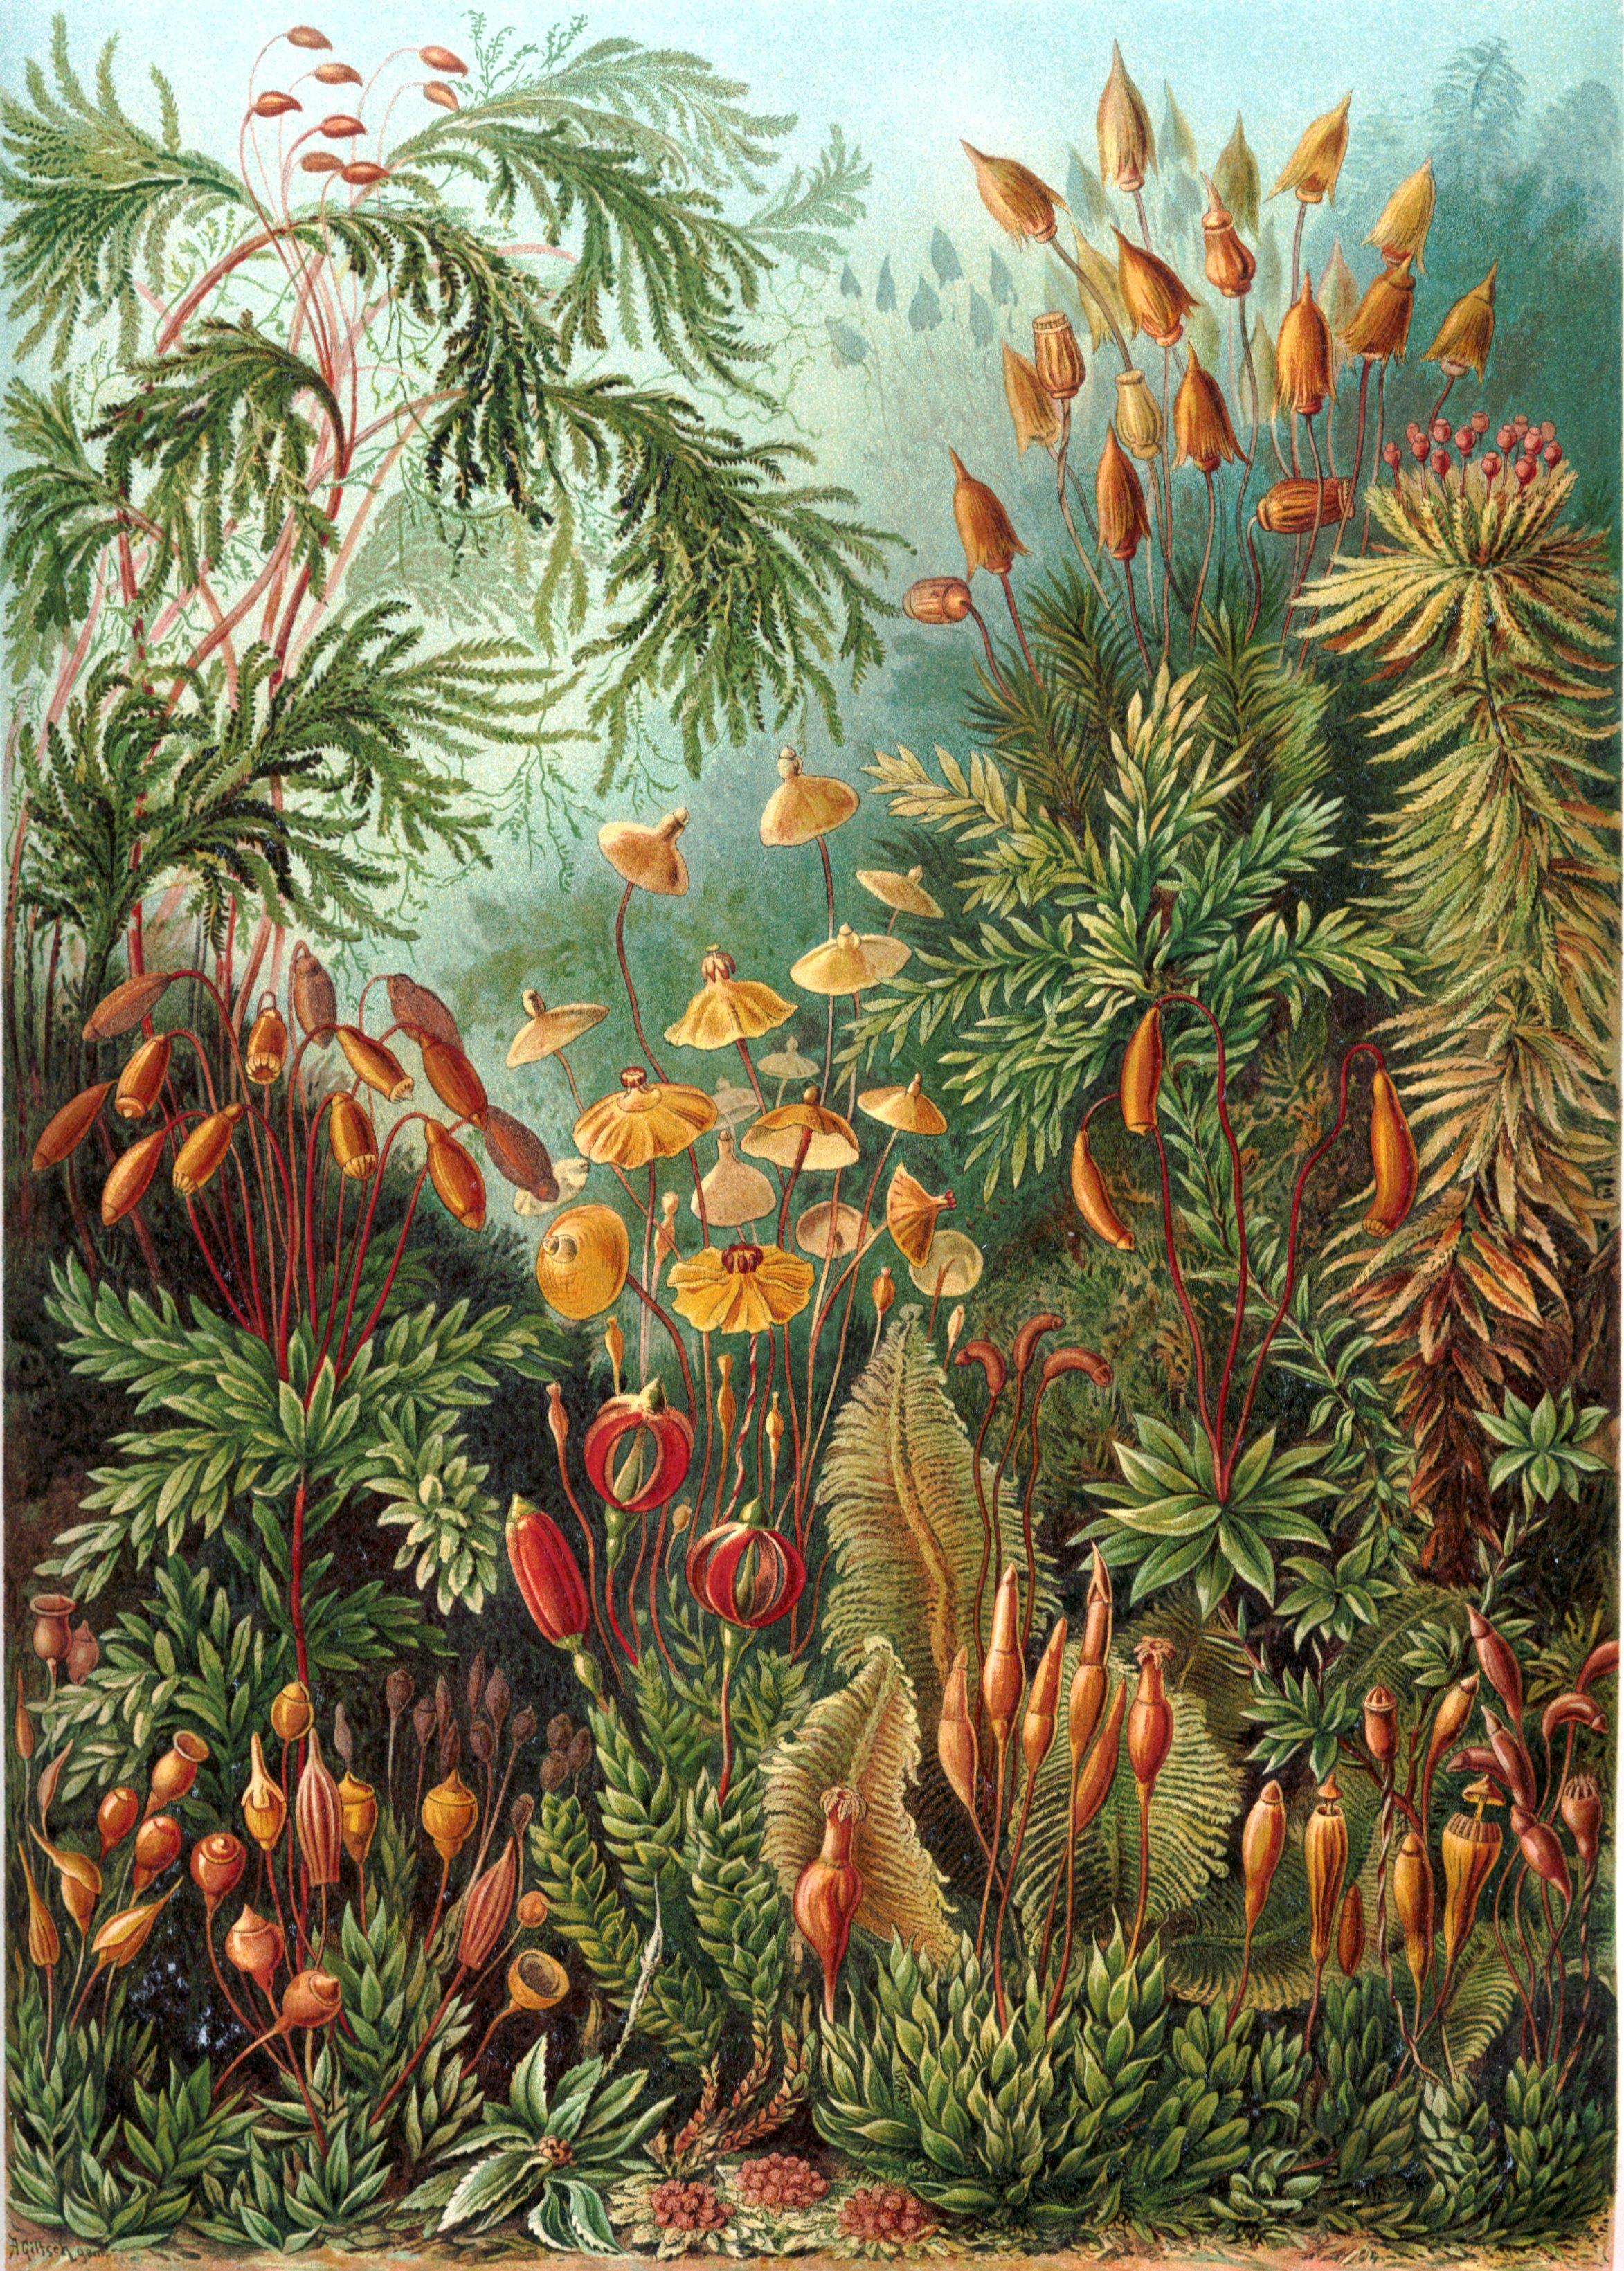 Moss diversity